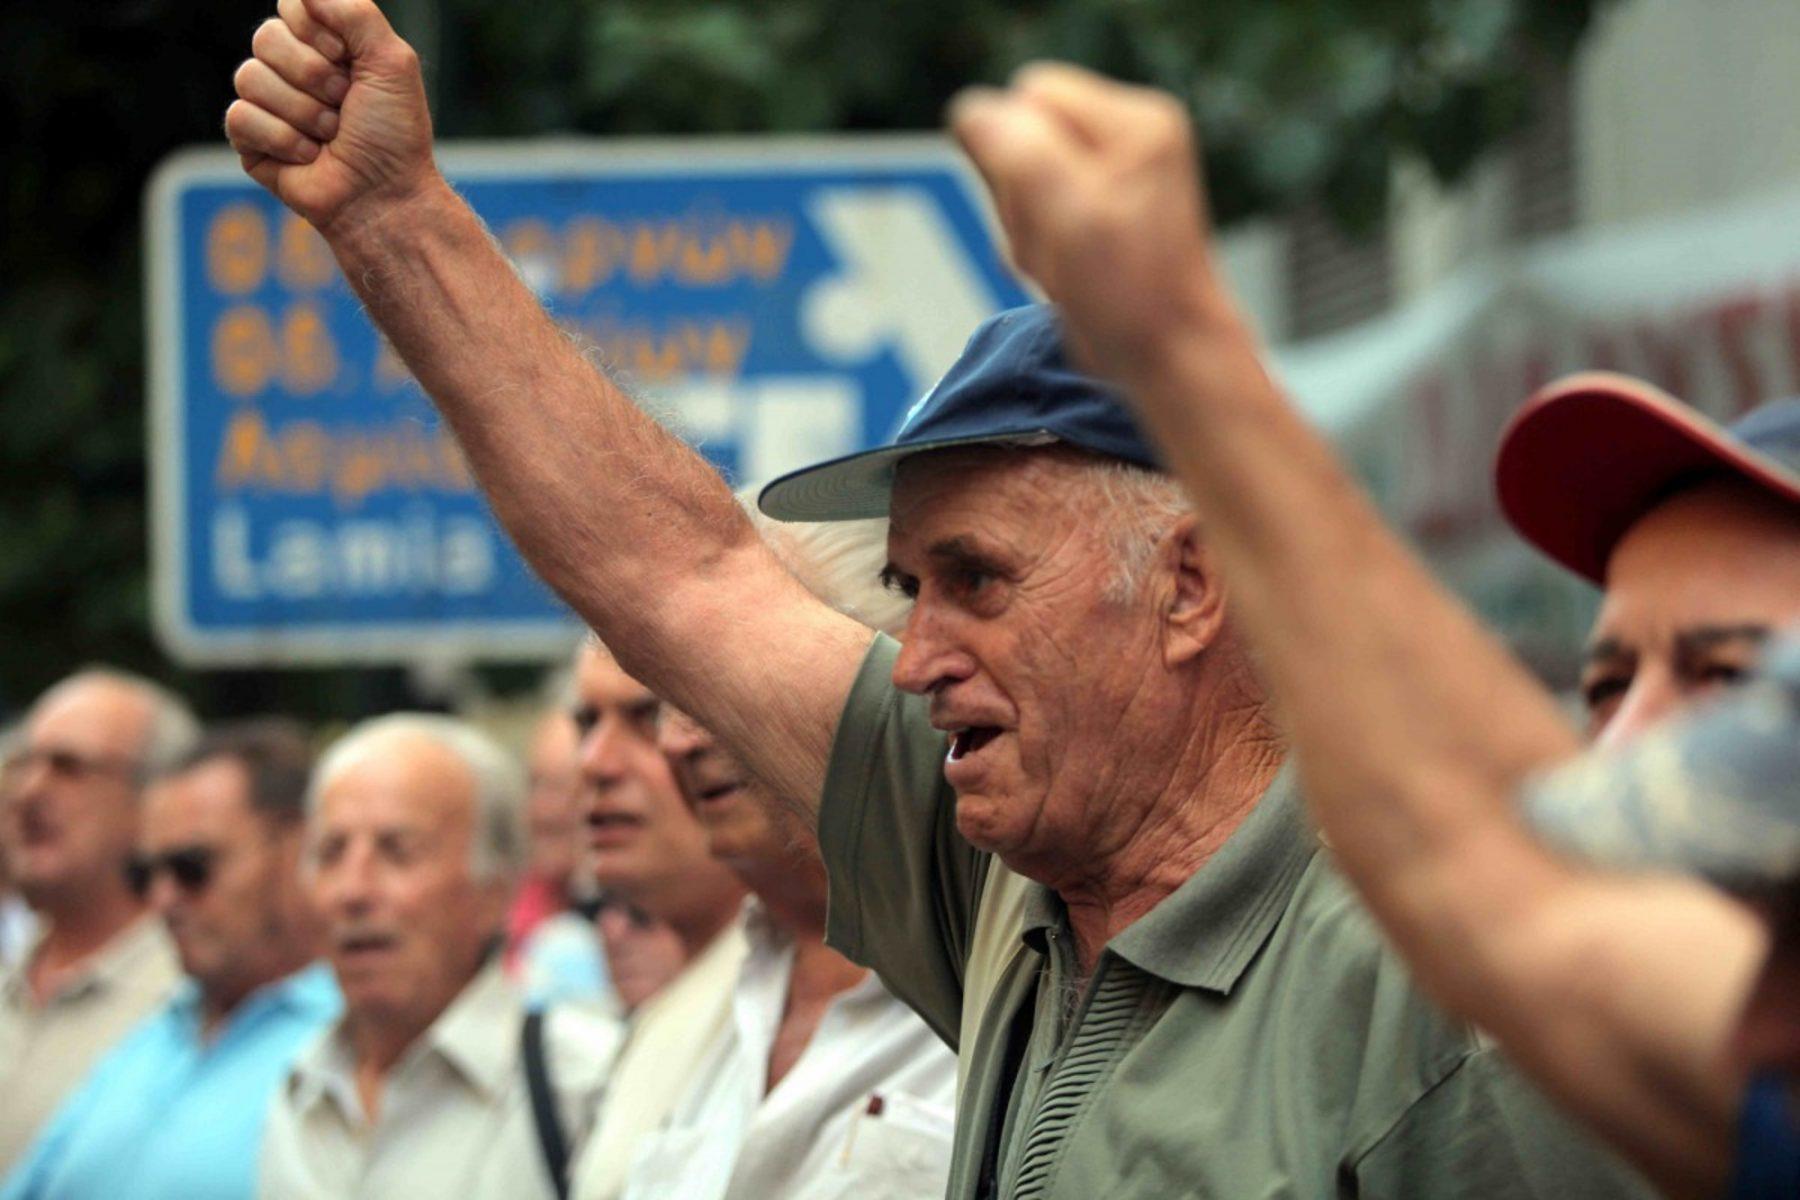 Αναδρομικά Συνταξιούχων: Ποιοι είναι οι δικαιούχοι επιστροφής αναδρομικών